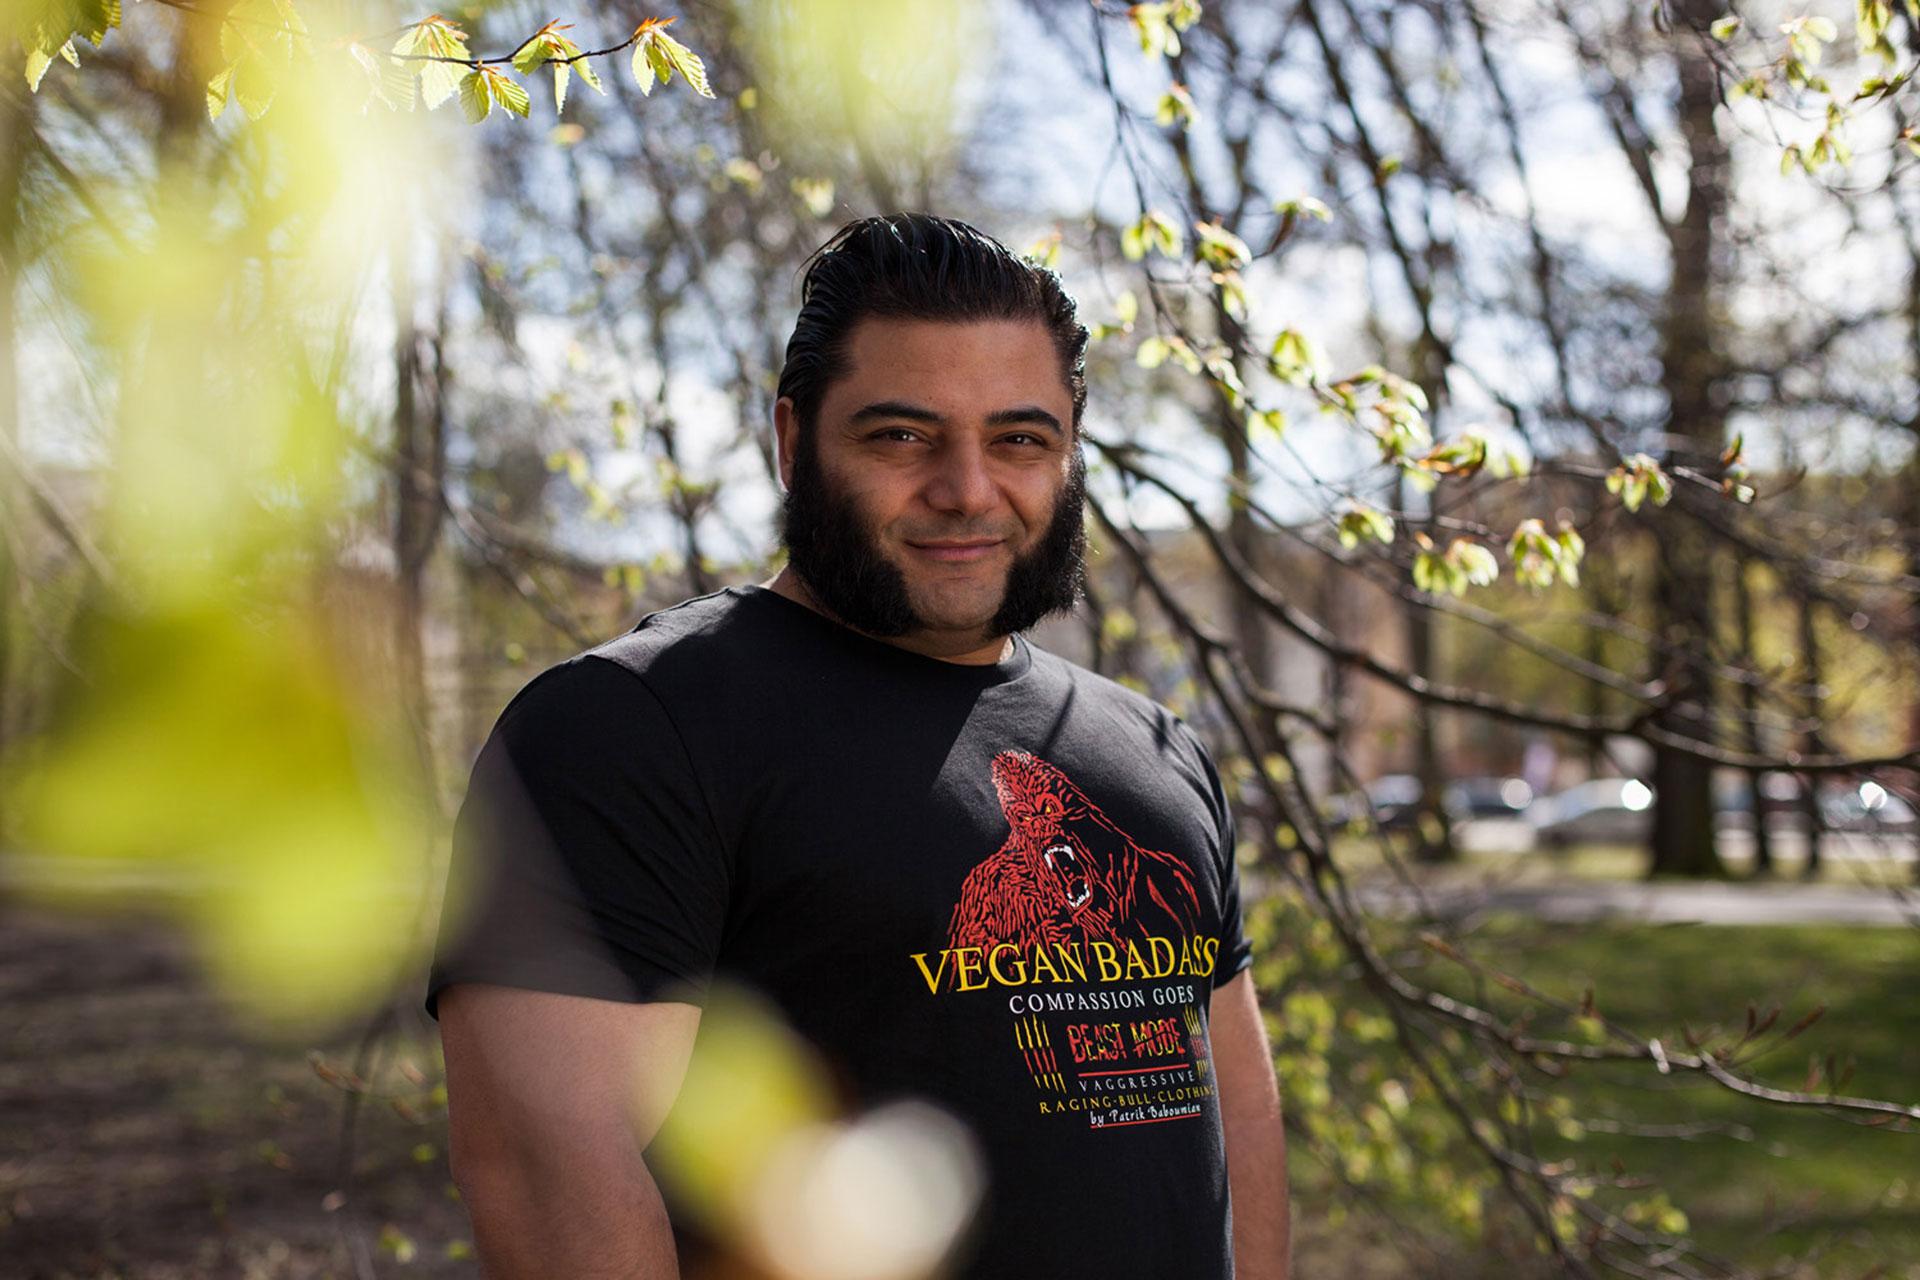 Patrik Baboumian for Animal Equality